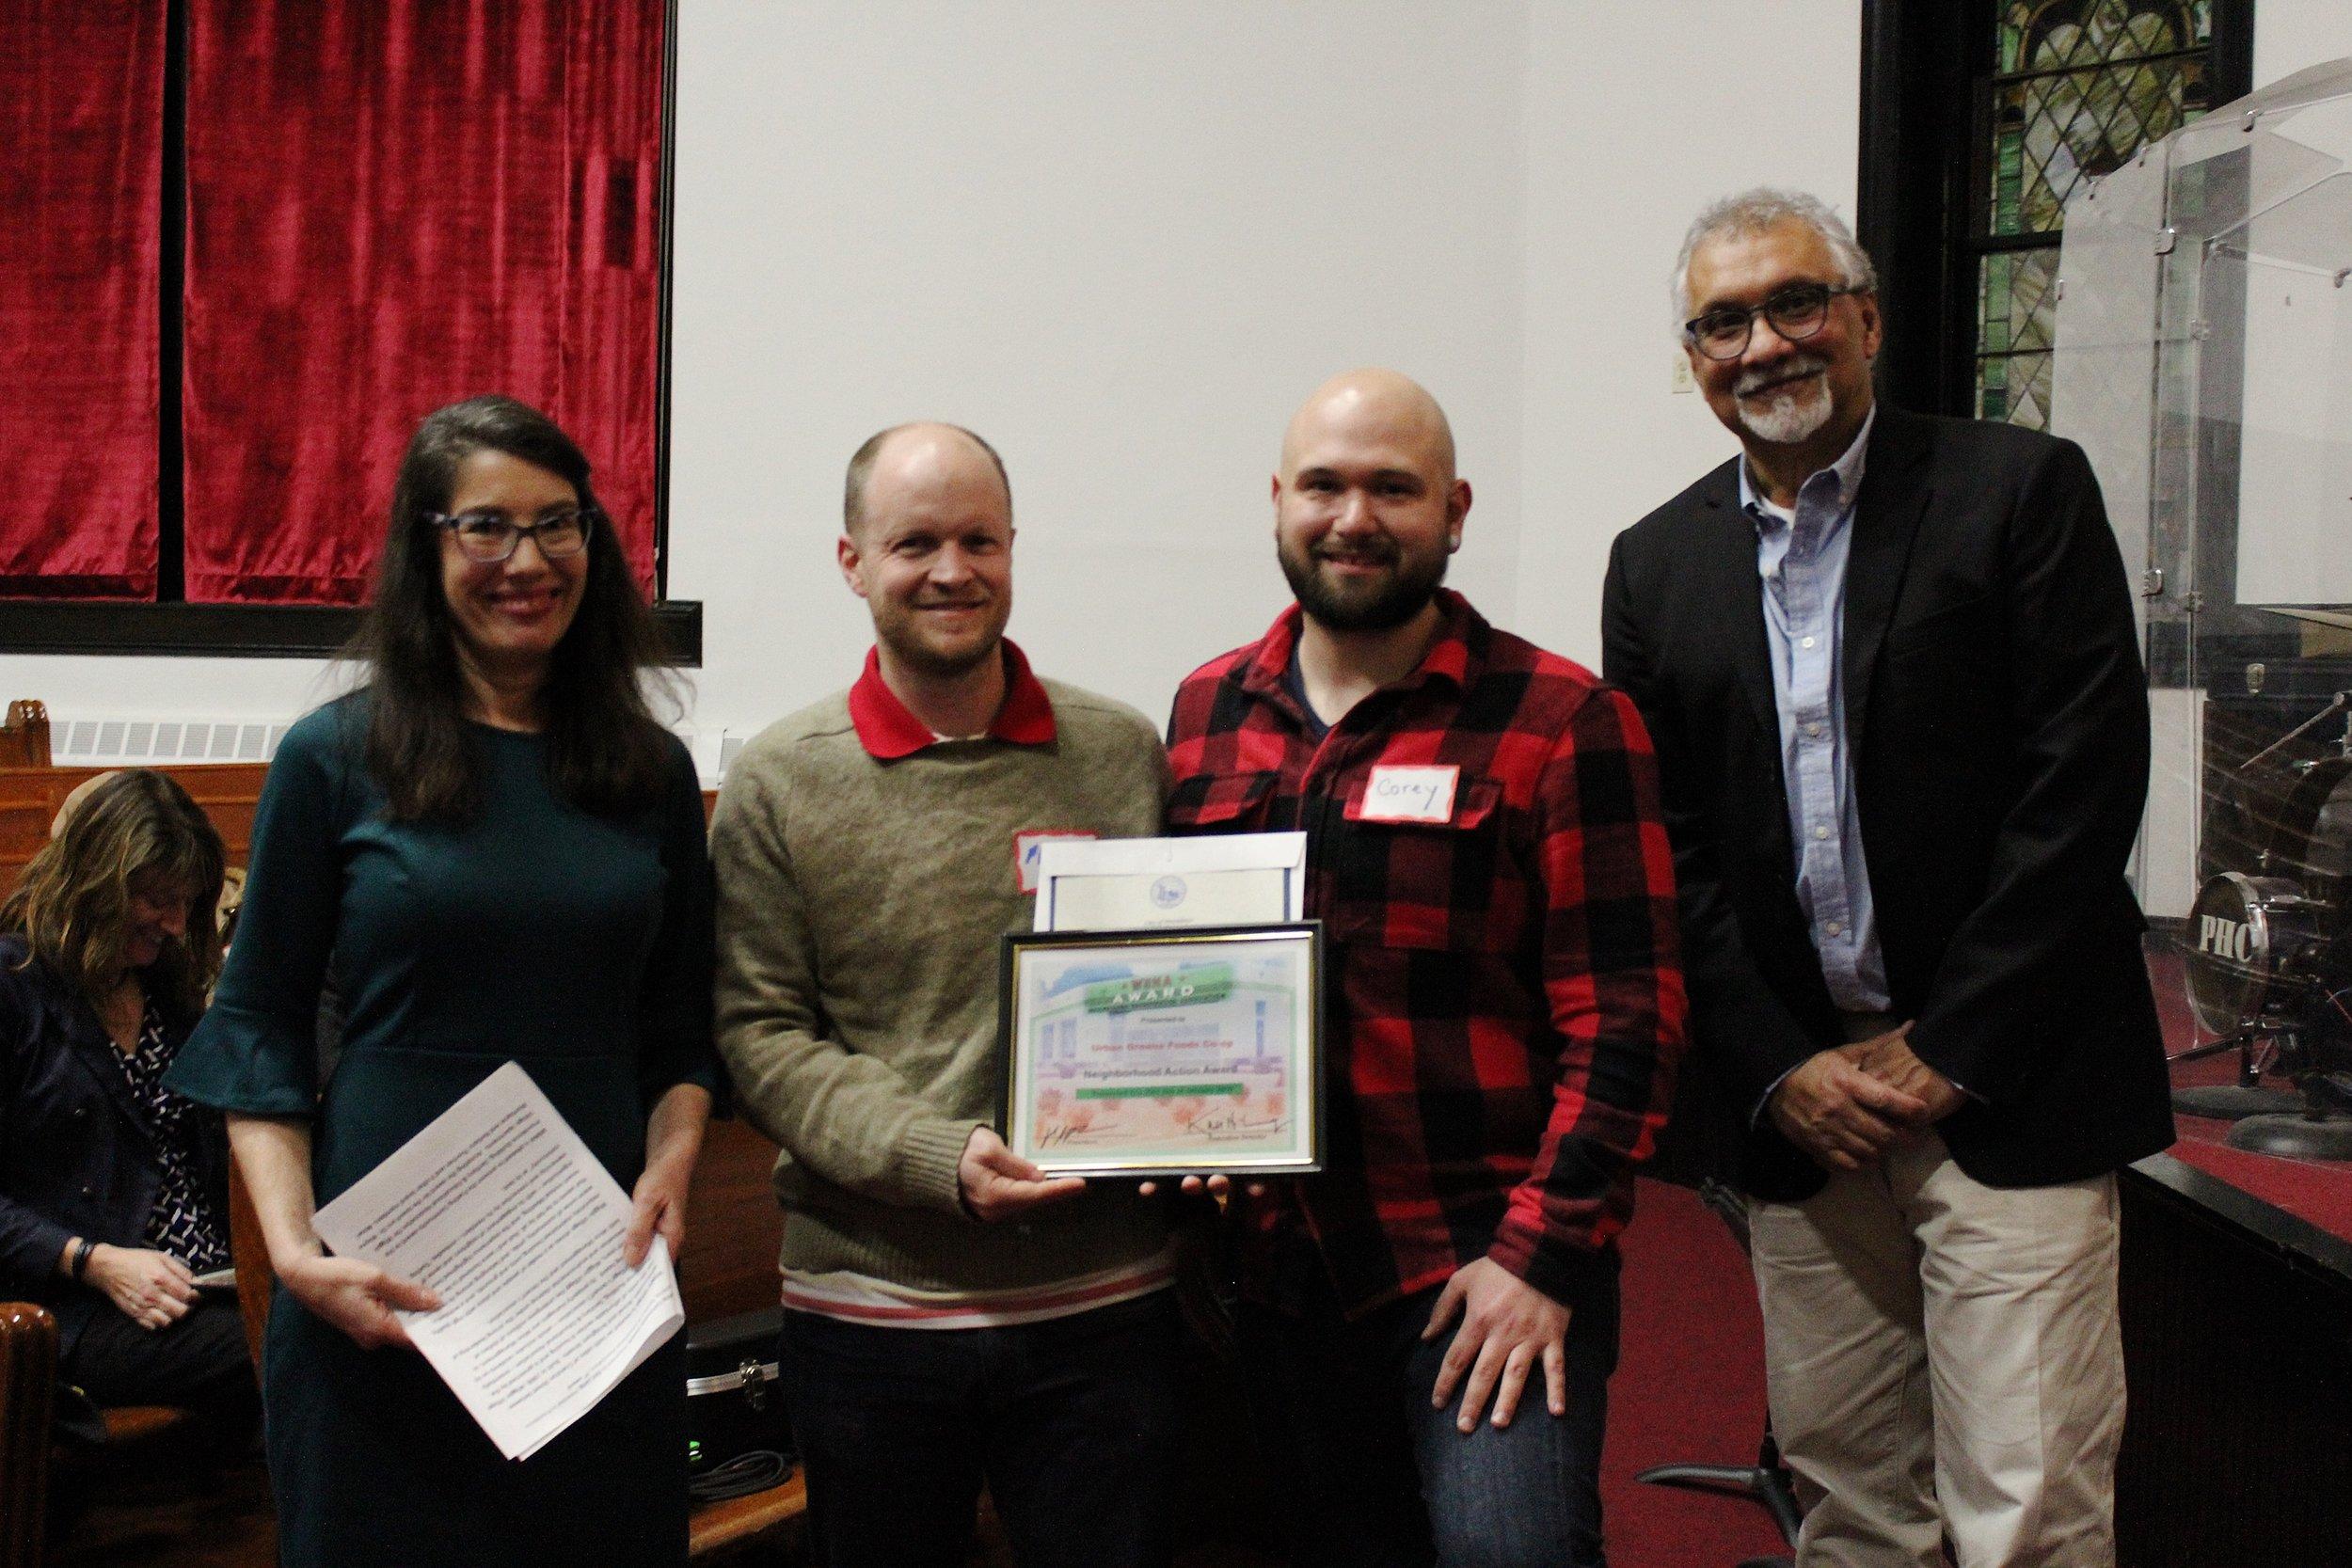 Neighborhood Action Award: Urban Greens Food Co-op